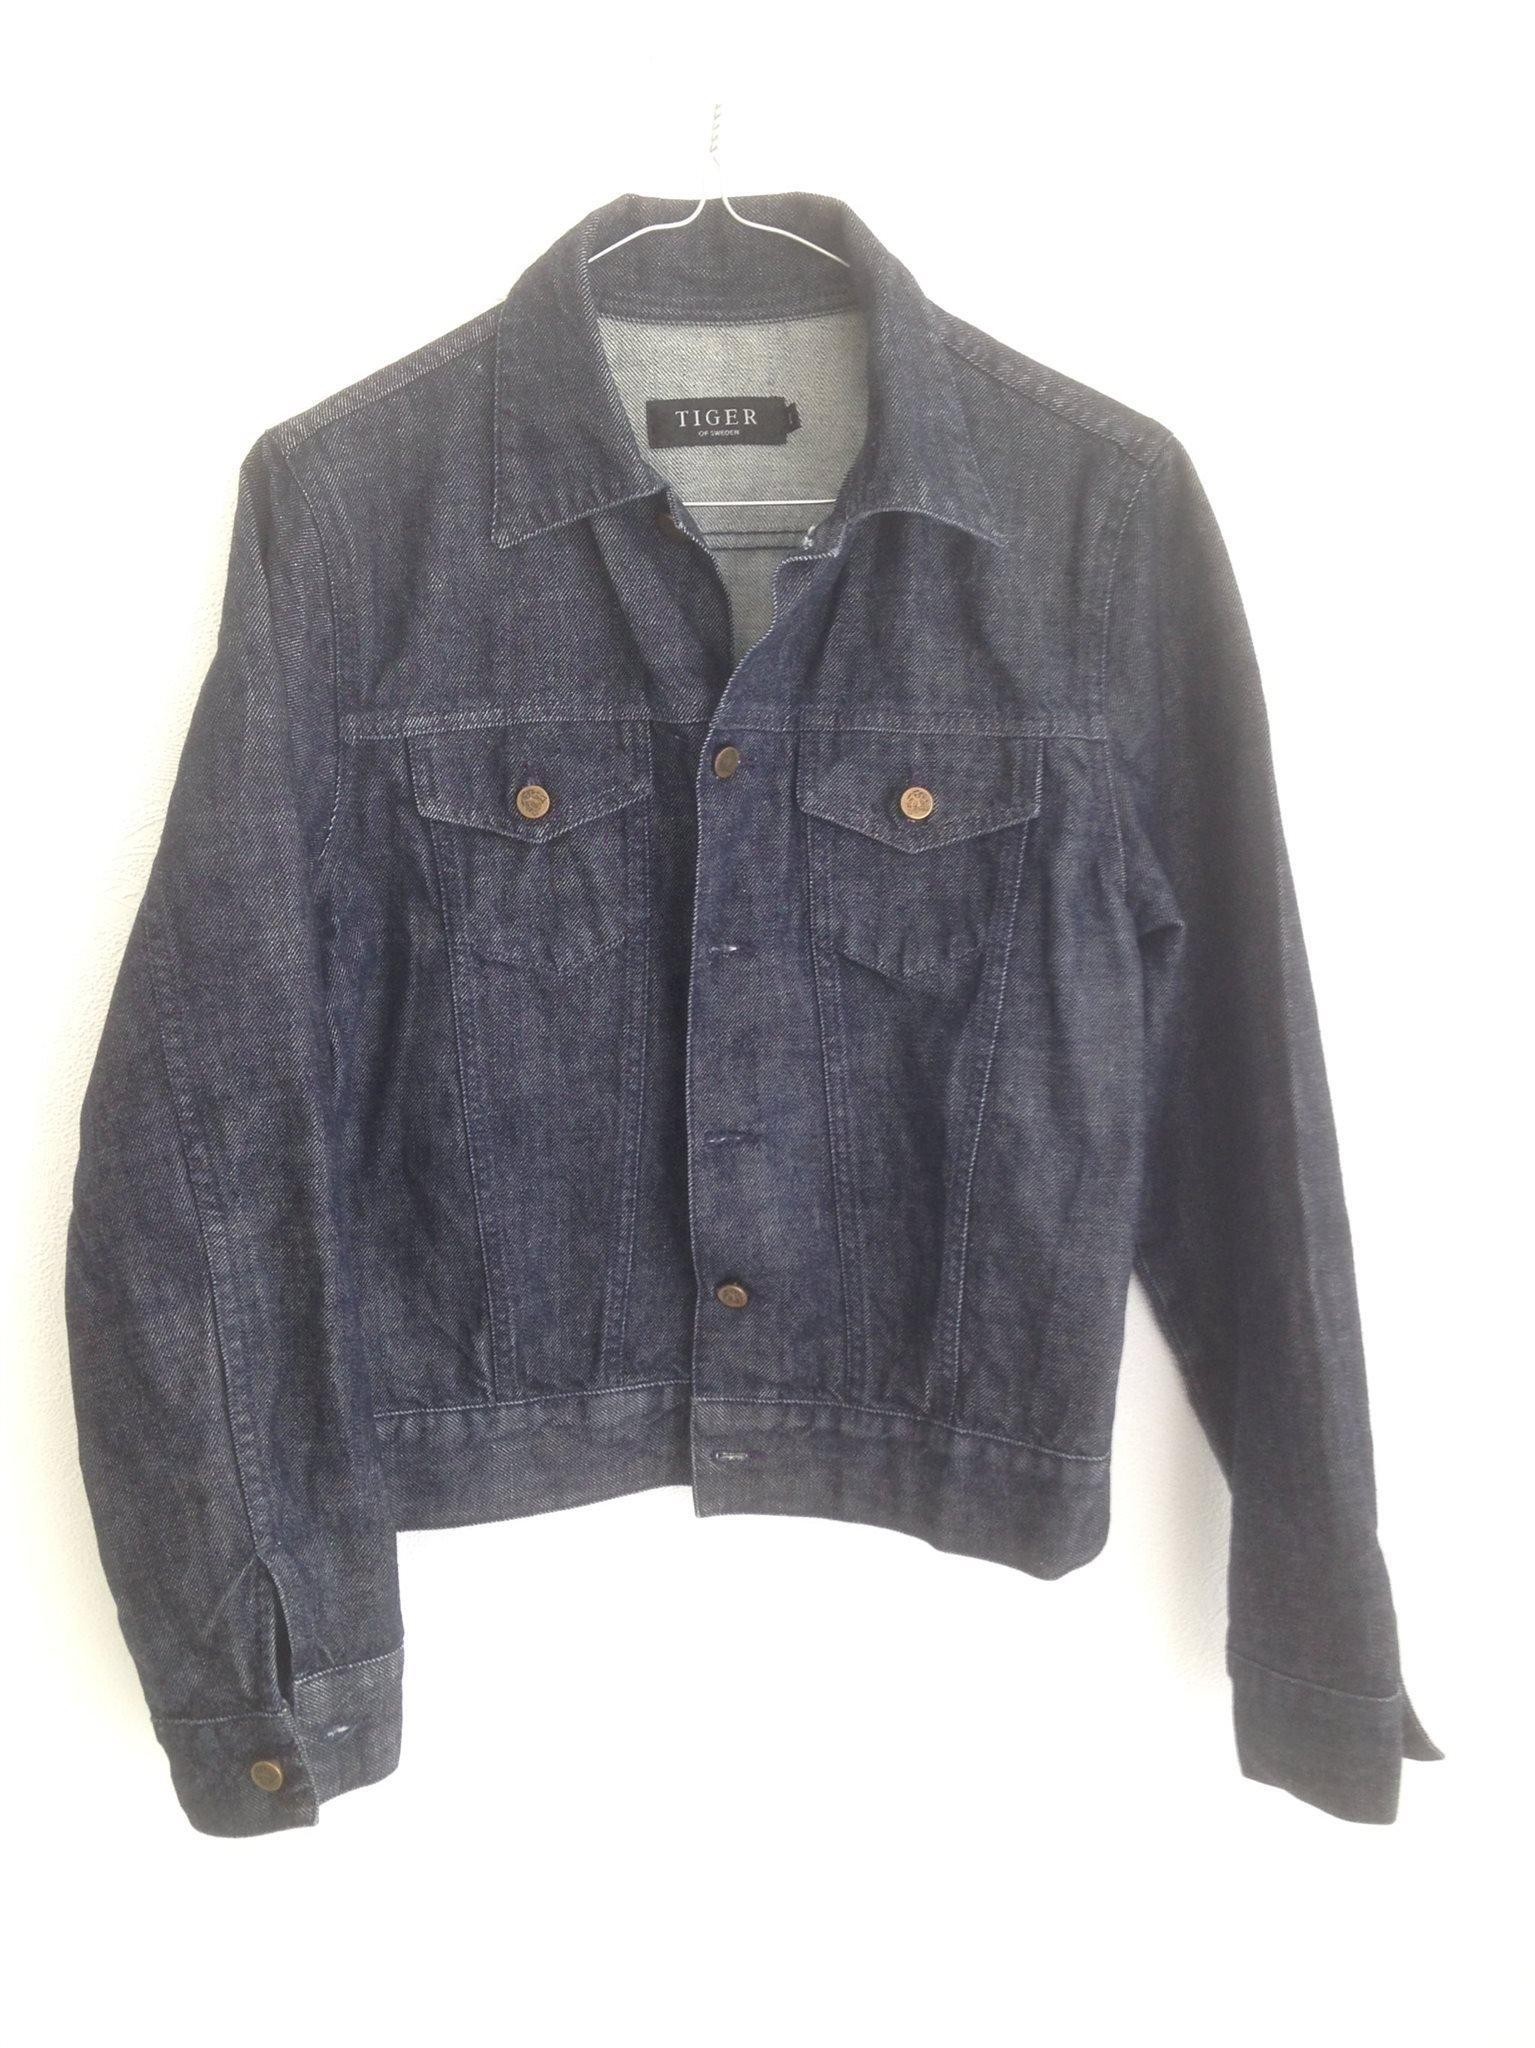 TIGER OF SWEDEN jeansjacka st M. (415673545) ᐈ Köp på Tradera